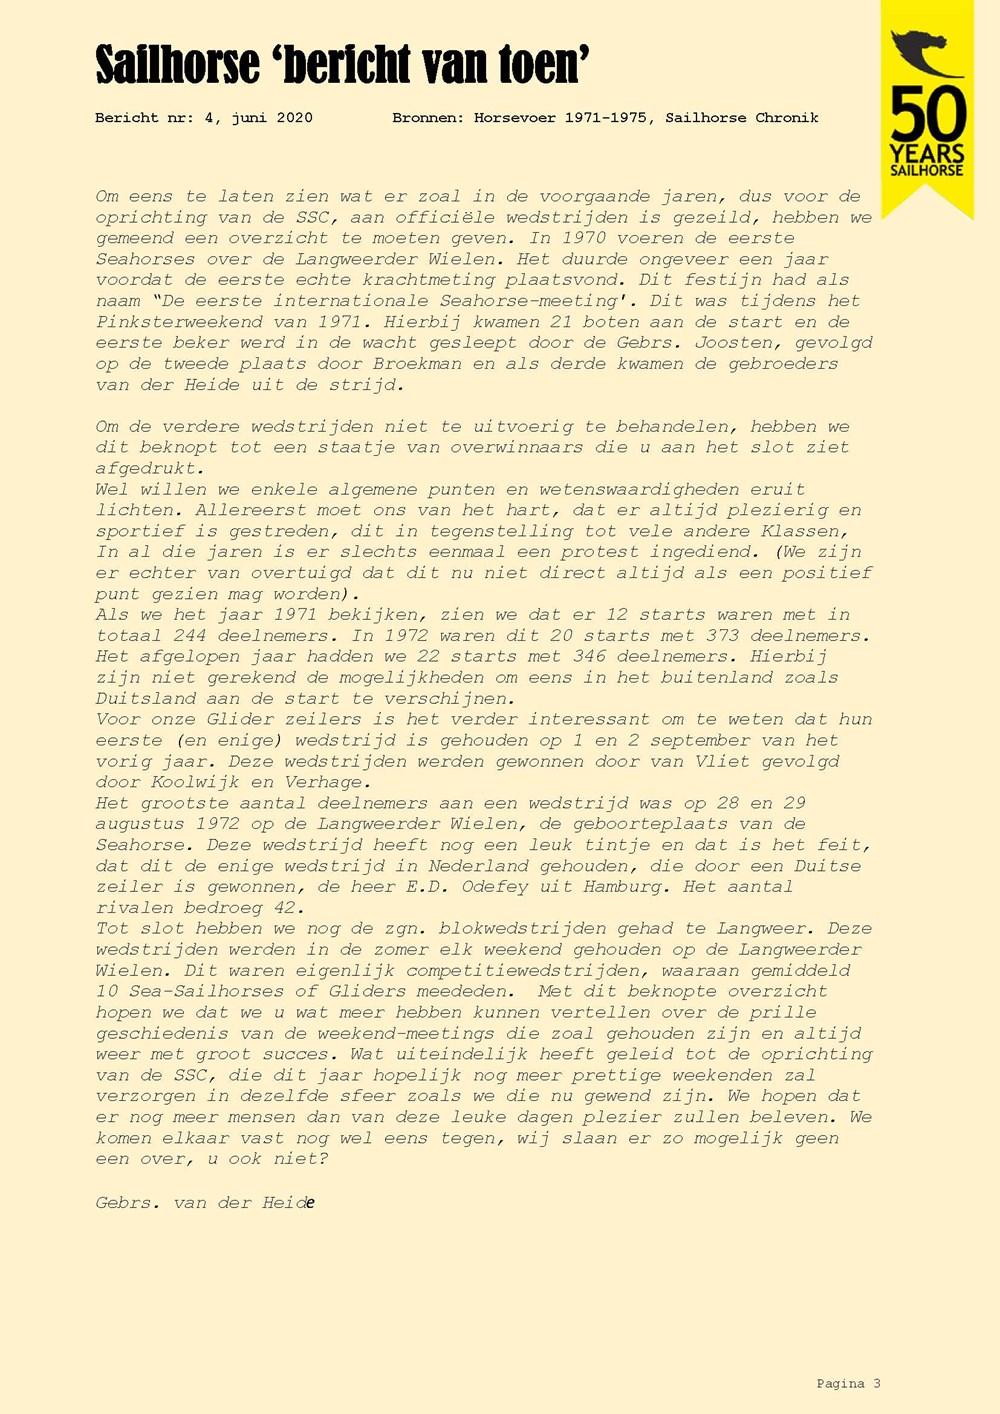 Bericht_van_toen_4_juni_Page_03.jpg